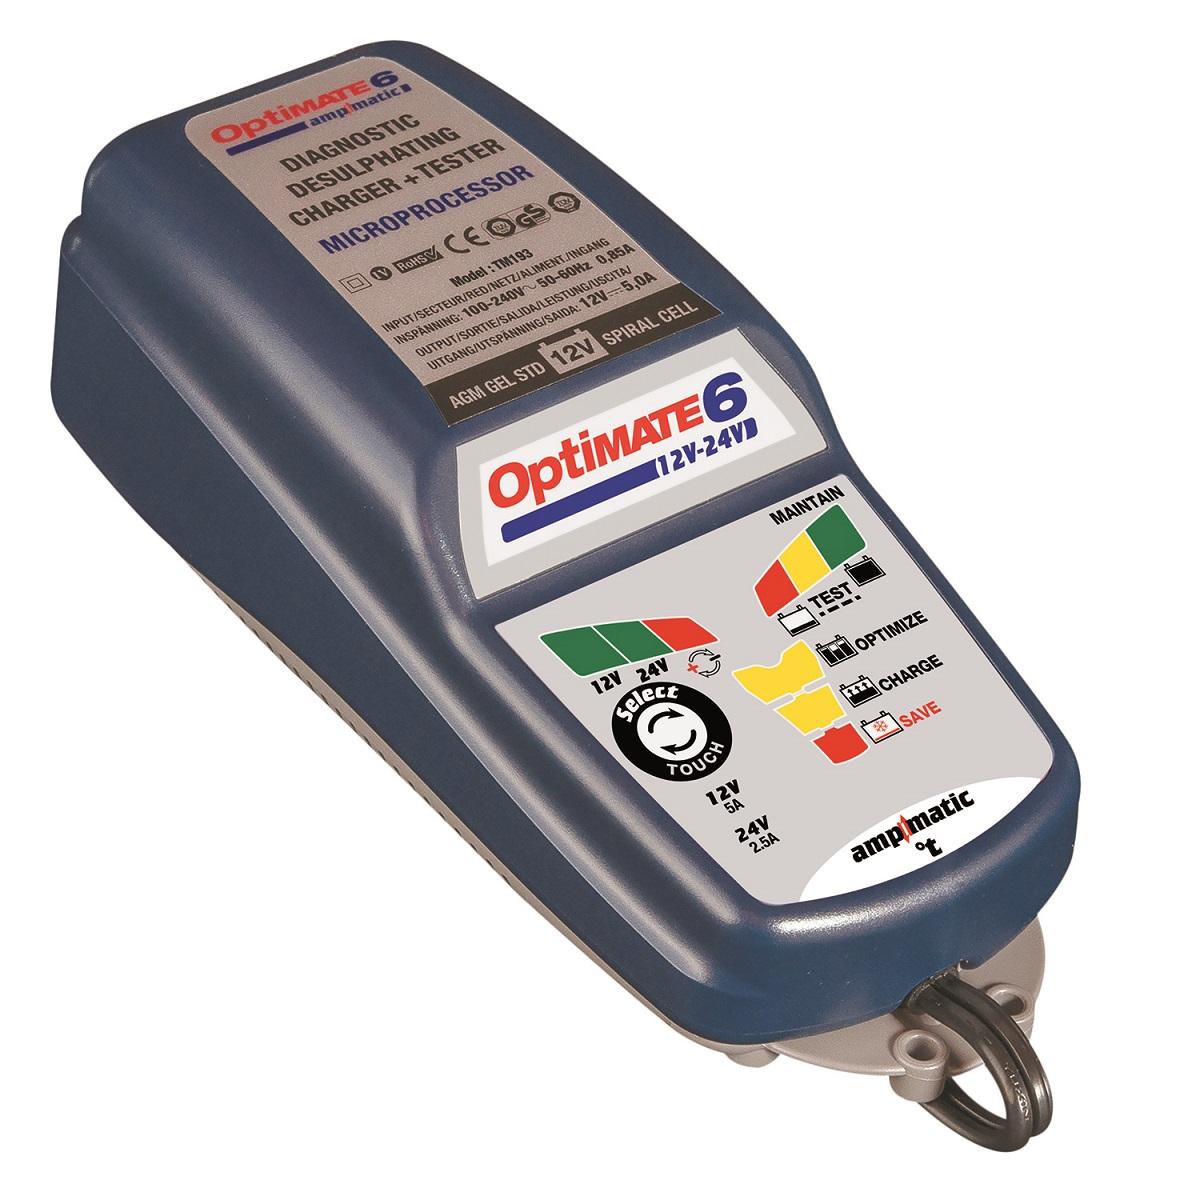 Зарядное устройство OptiMate 6, 12/24V. TM194VA4211 B00Многоступенчатое зарядное устройство Optimate от бельгийской компании TecMate с режимами тестирования, восстановления глубокоразряженных аккумуляторных батарей, десульфатации и хранения. Управление автоматическое AmpmaticTM микропроцессор, переключение режимов 12В и 24В сенсорной кнопкой. Заряжает все типы 12В и 24В свинцово-кислотных аккумуляторных батарей, в т.ч. AGM, GEL. Защита от короткого замыкания, переполюсовки, искрообразования, перегрева. Оптимизирует срок службы и здоровье аккумуляторной батареи. Гарантия 3 года (замена на новое изделие). Влагозащищенный корпус. Рекомендовано 10-ю ведущими производителями мототехники. Optimate 6 рекомендуется для АКБ до 240 Ач - 12В, до 100Ач - 24В. Ток заряда: 0,4-5,0А для 12В; 0,4-2,5А для 24В. Старт зарядки АКБ от 0,5В. Температурный режим: -40...+40°С. В комплект устройства входят аксессуары: O11 кольцевой разъем постоянного подключения и O4 зажимы типа крокодил.